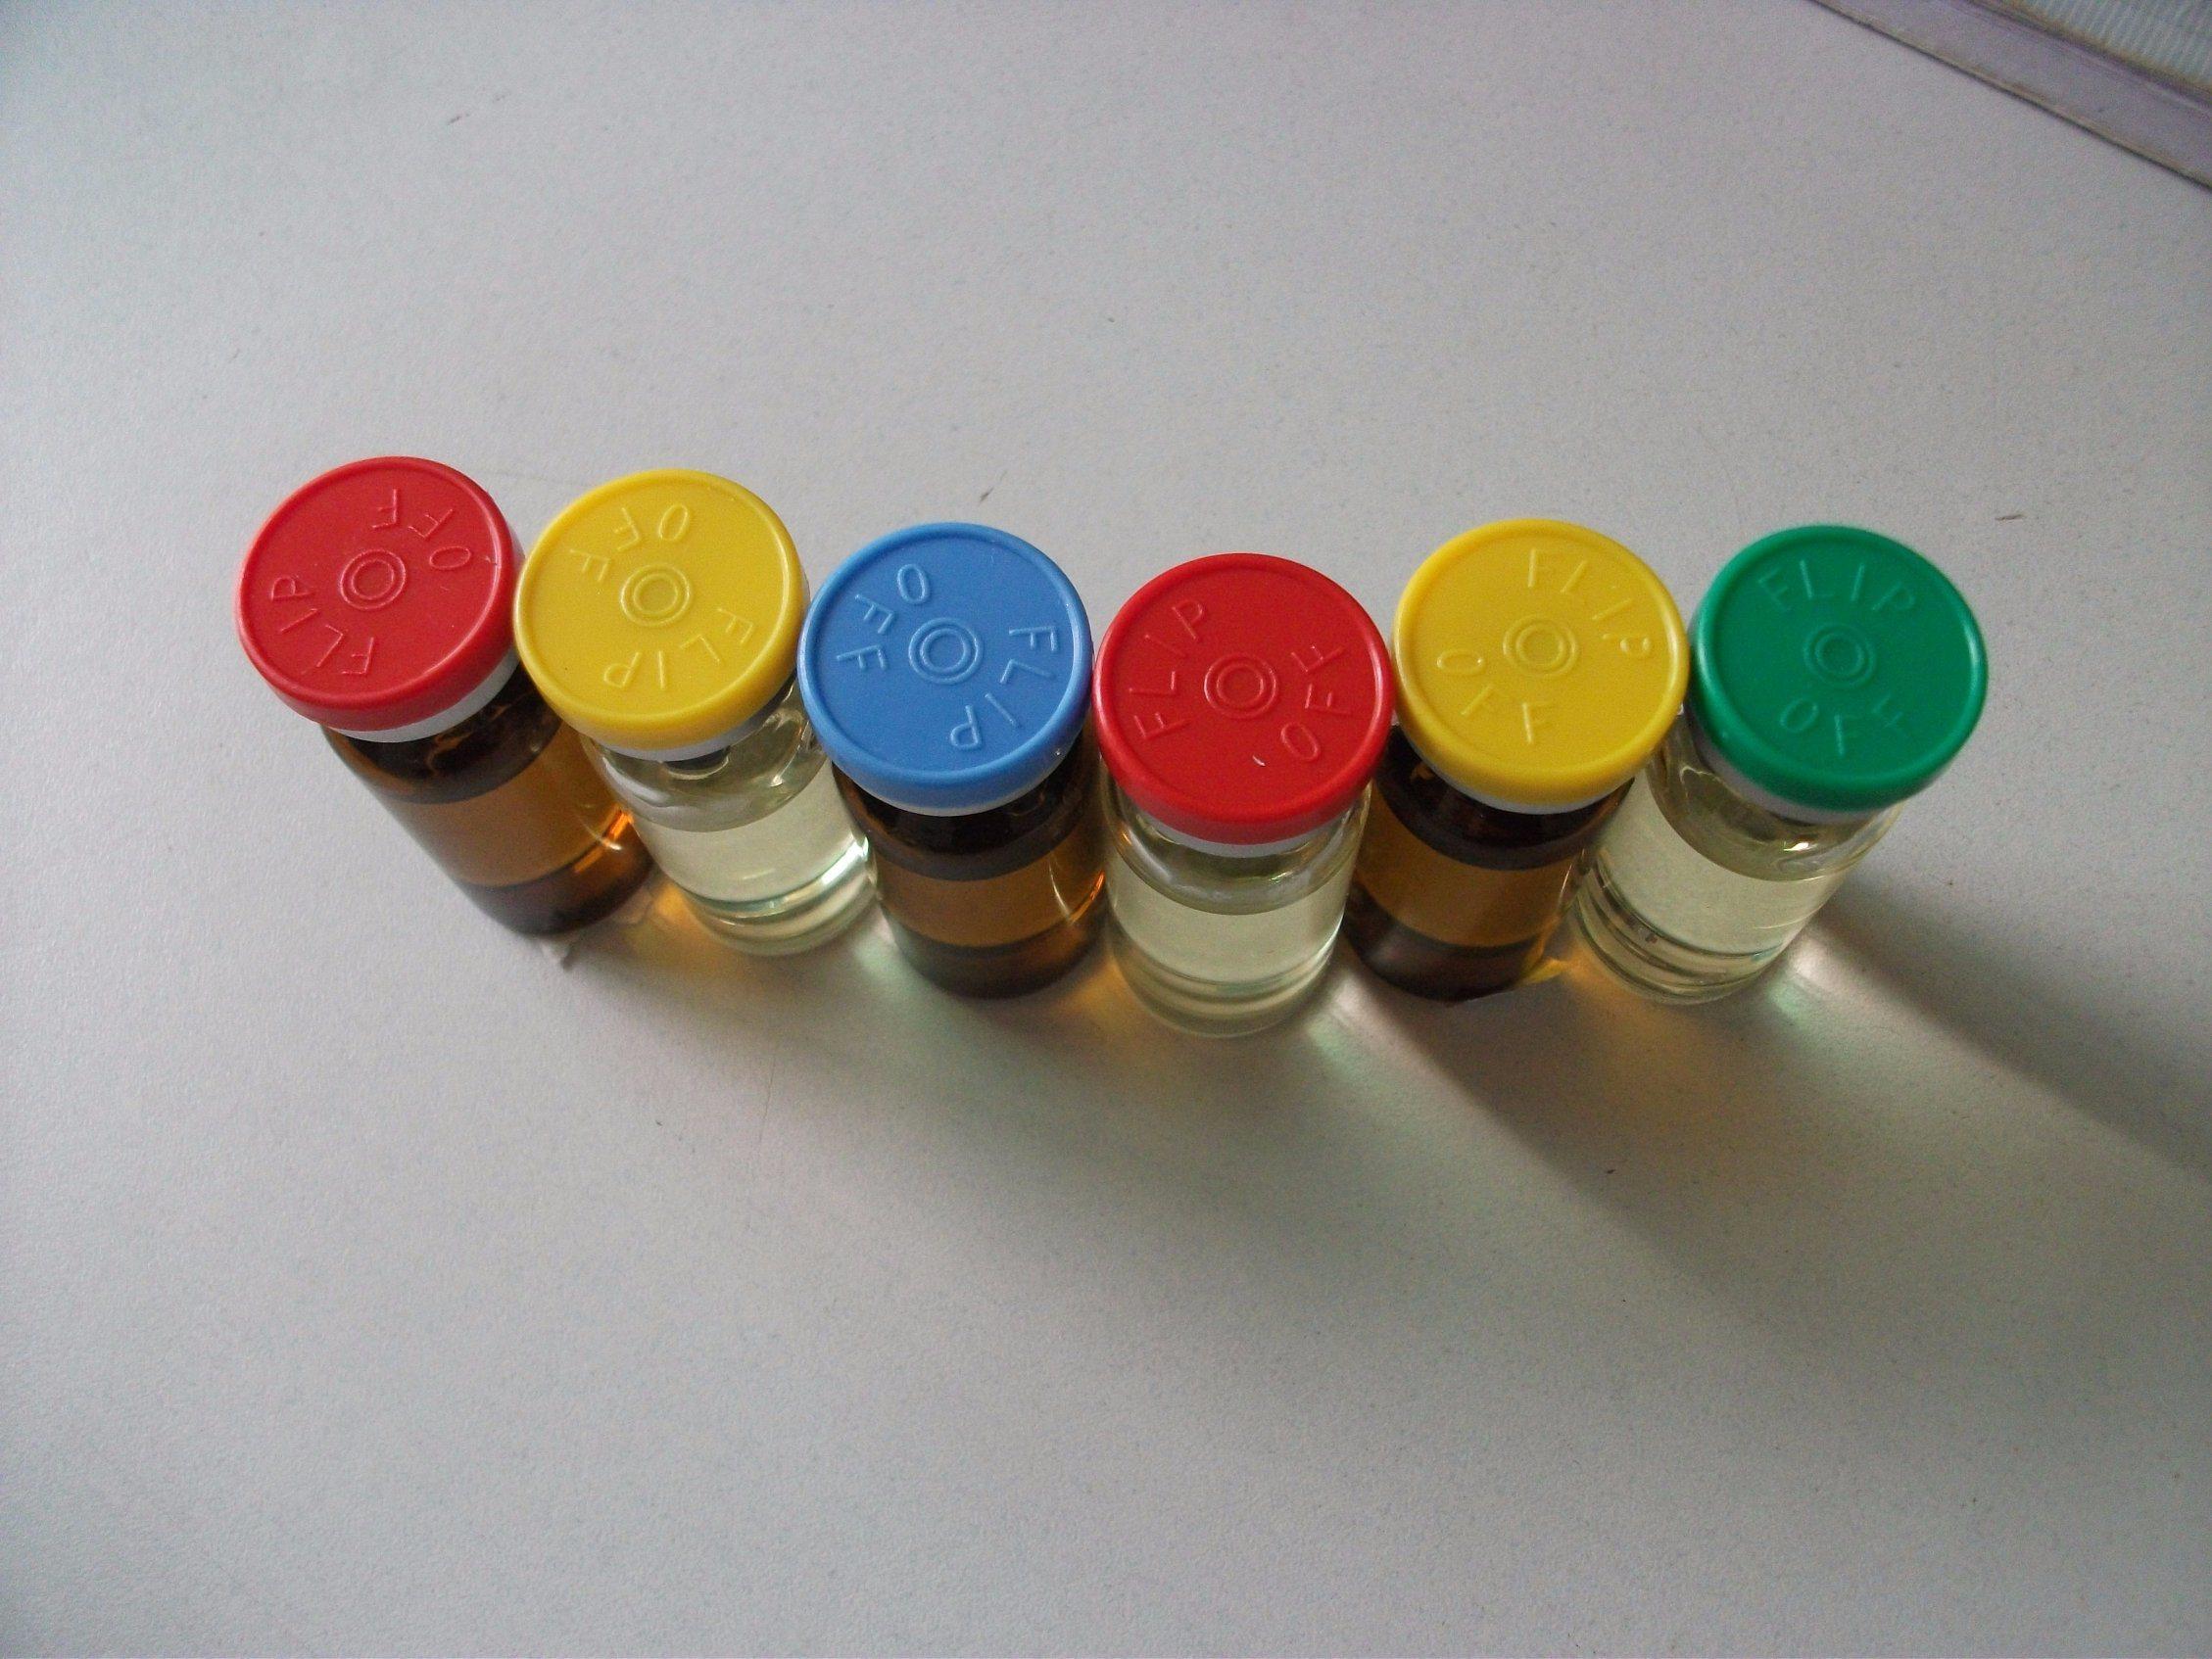 Peptide Hormones Ipamorelin 2mg Per Vial for Bodybuilding